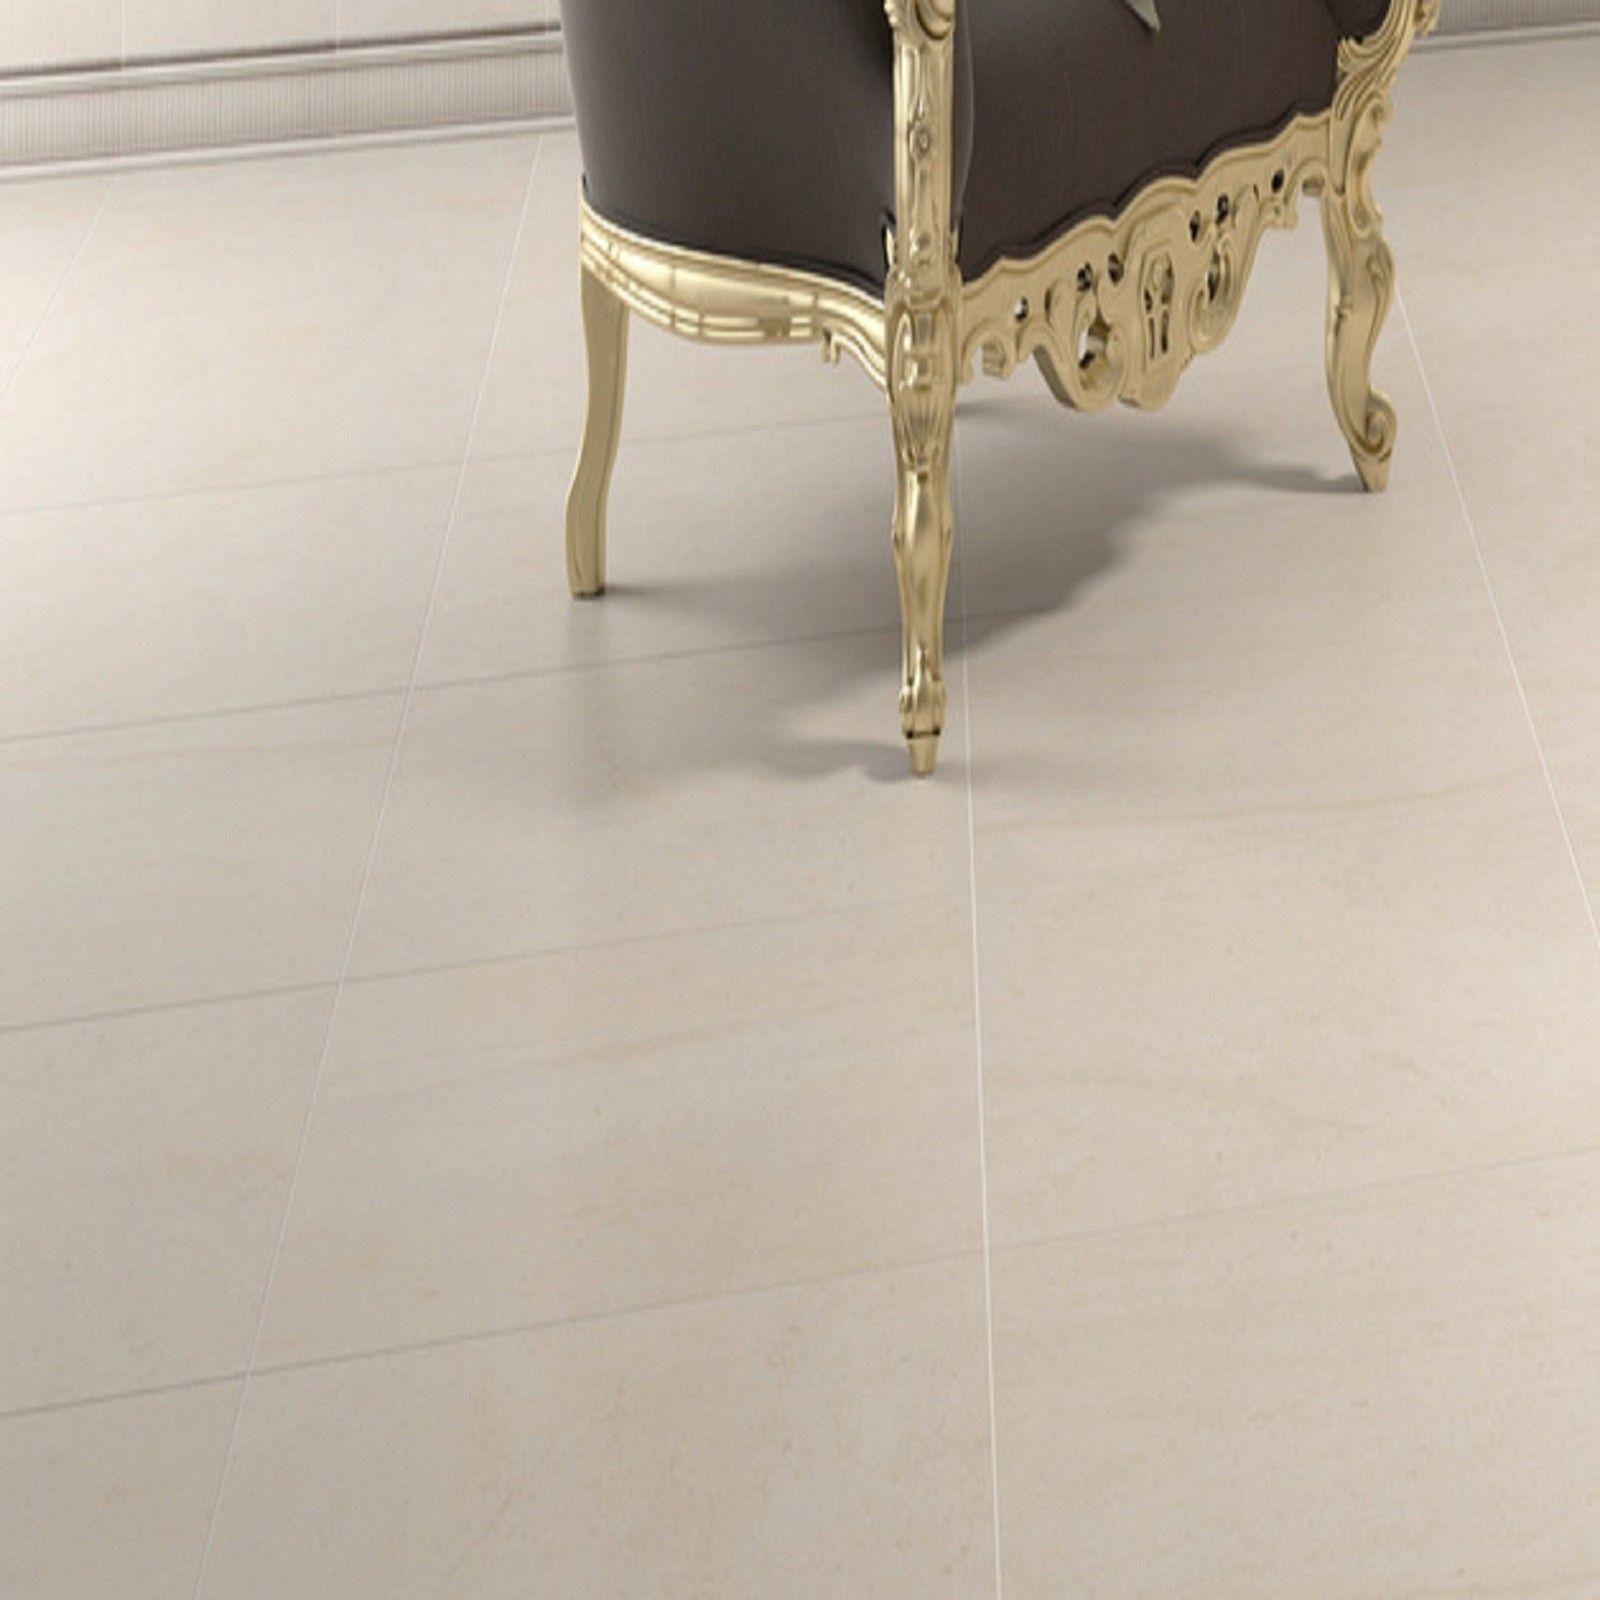 Limestone Matt Almond Floor Tile | Almonds, Kitchen floors and Kitchens